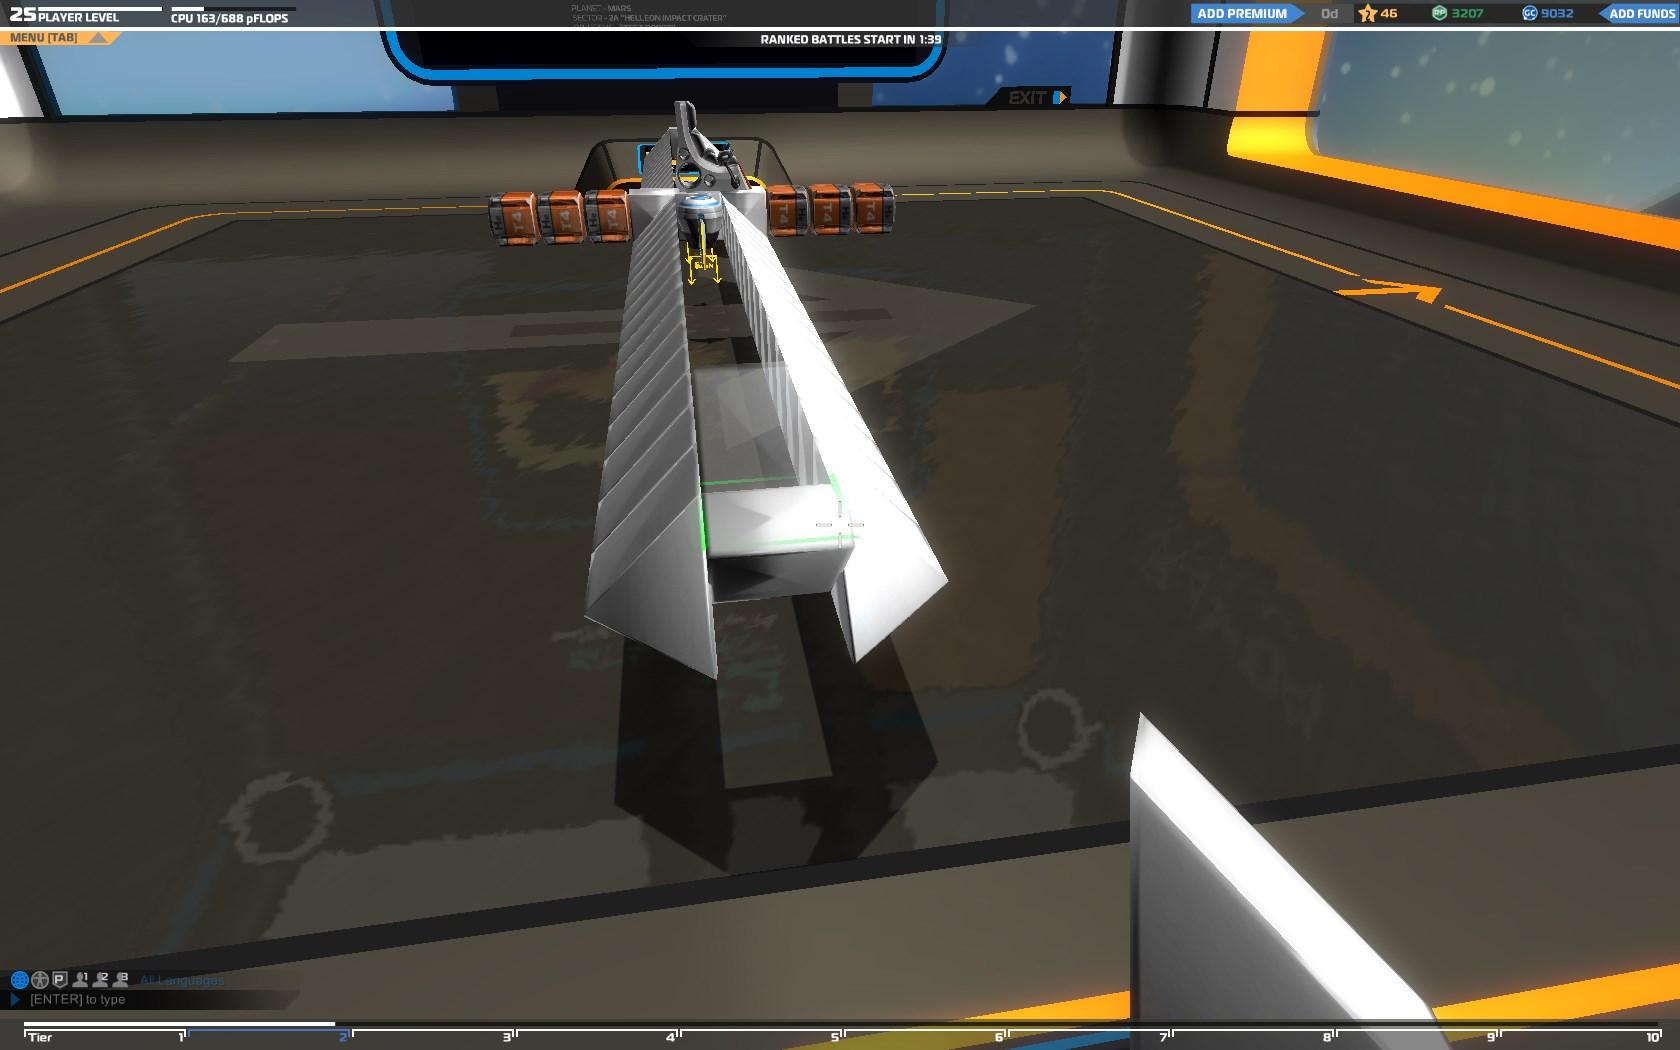 Image - Robocraft-10-03-2014 3-56-21.jpg - RoboCraft Wiki